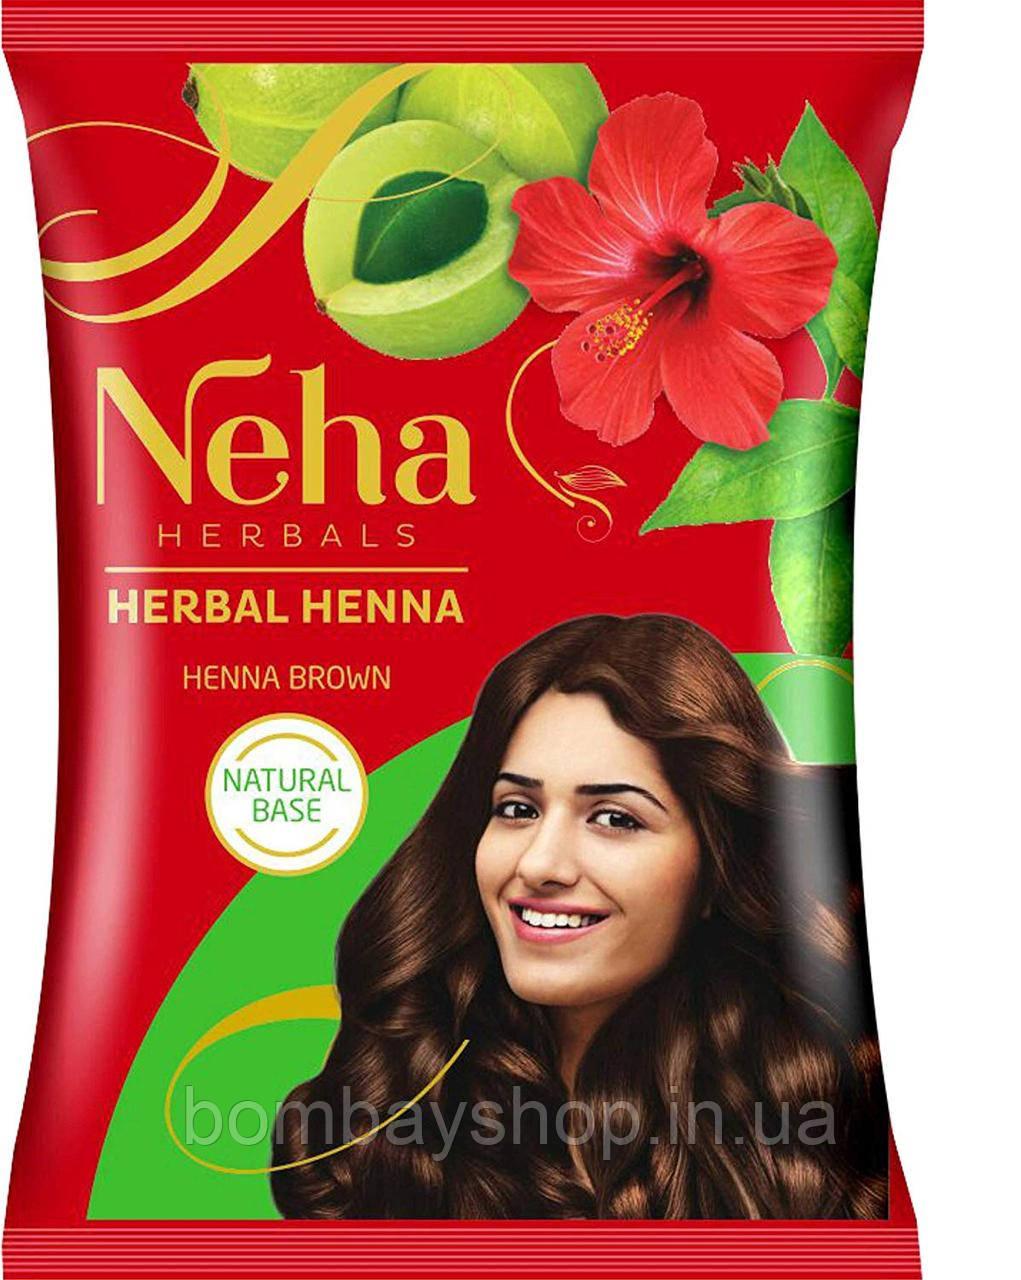 Хна-фарба для волосся NEHA HENNA (Неха Хена) руда збагачена амлою та гібіскусом виробництва Індії 15г